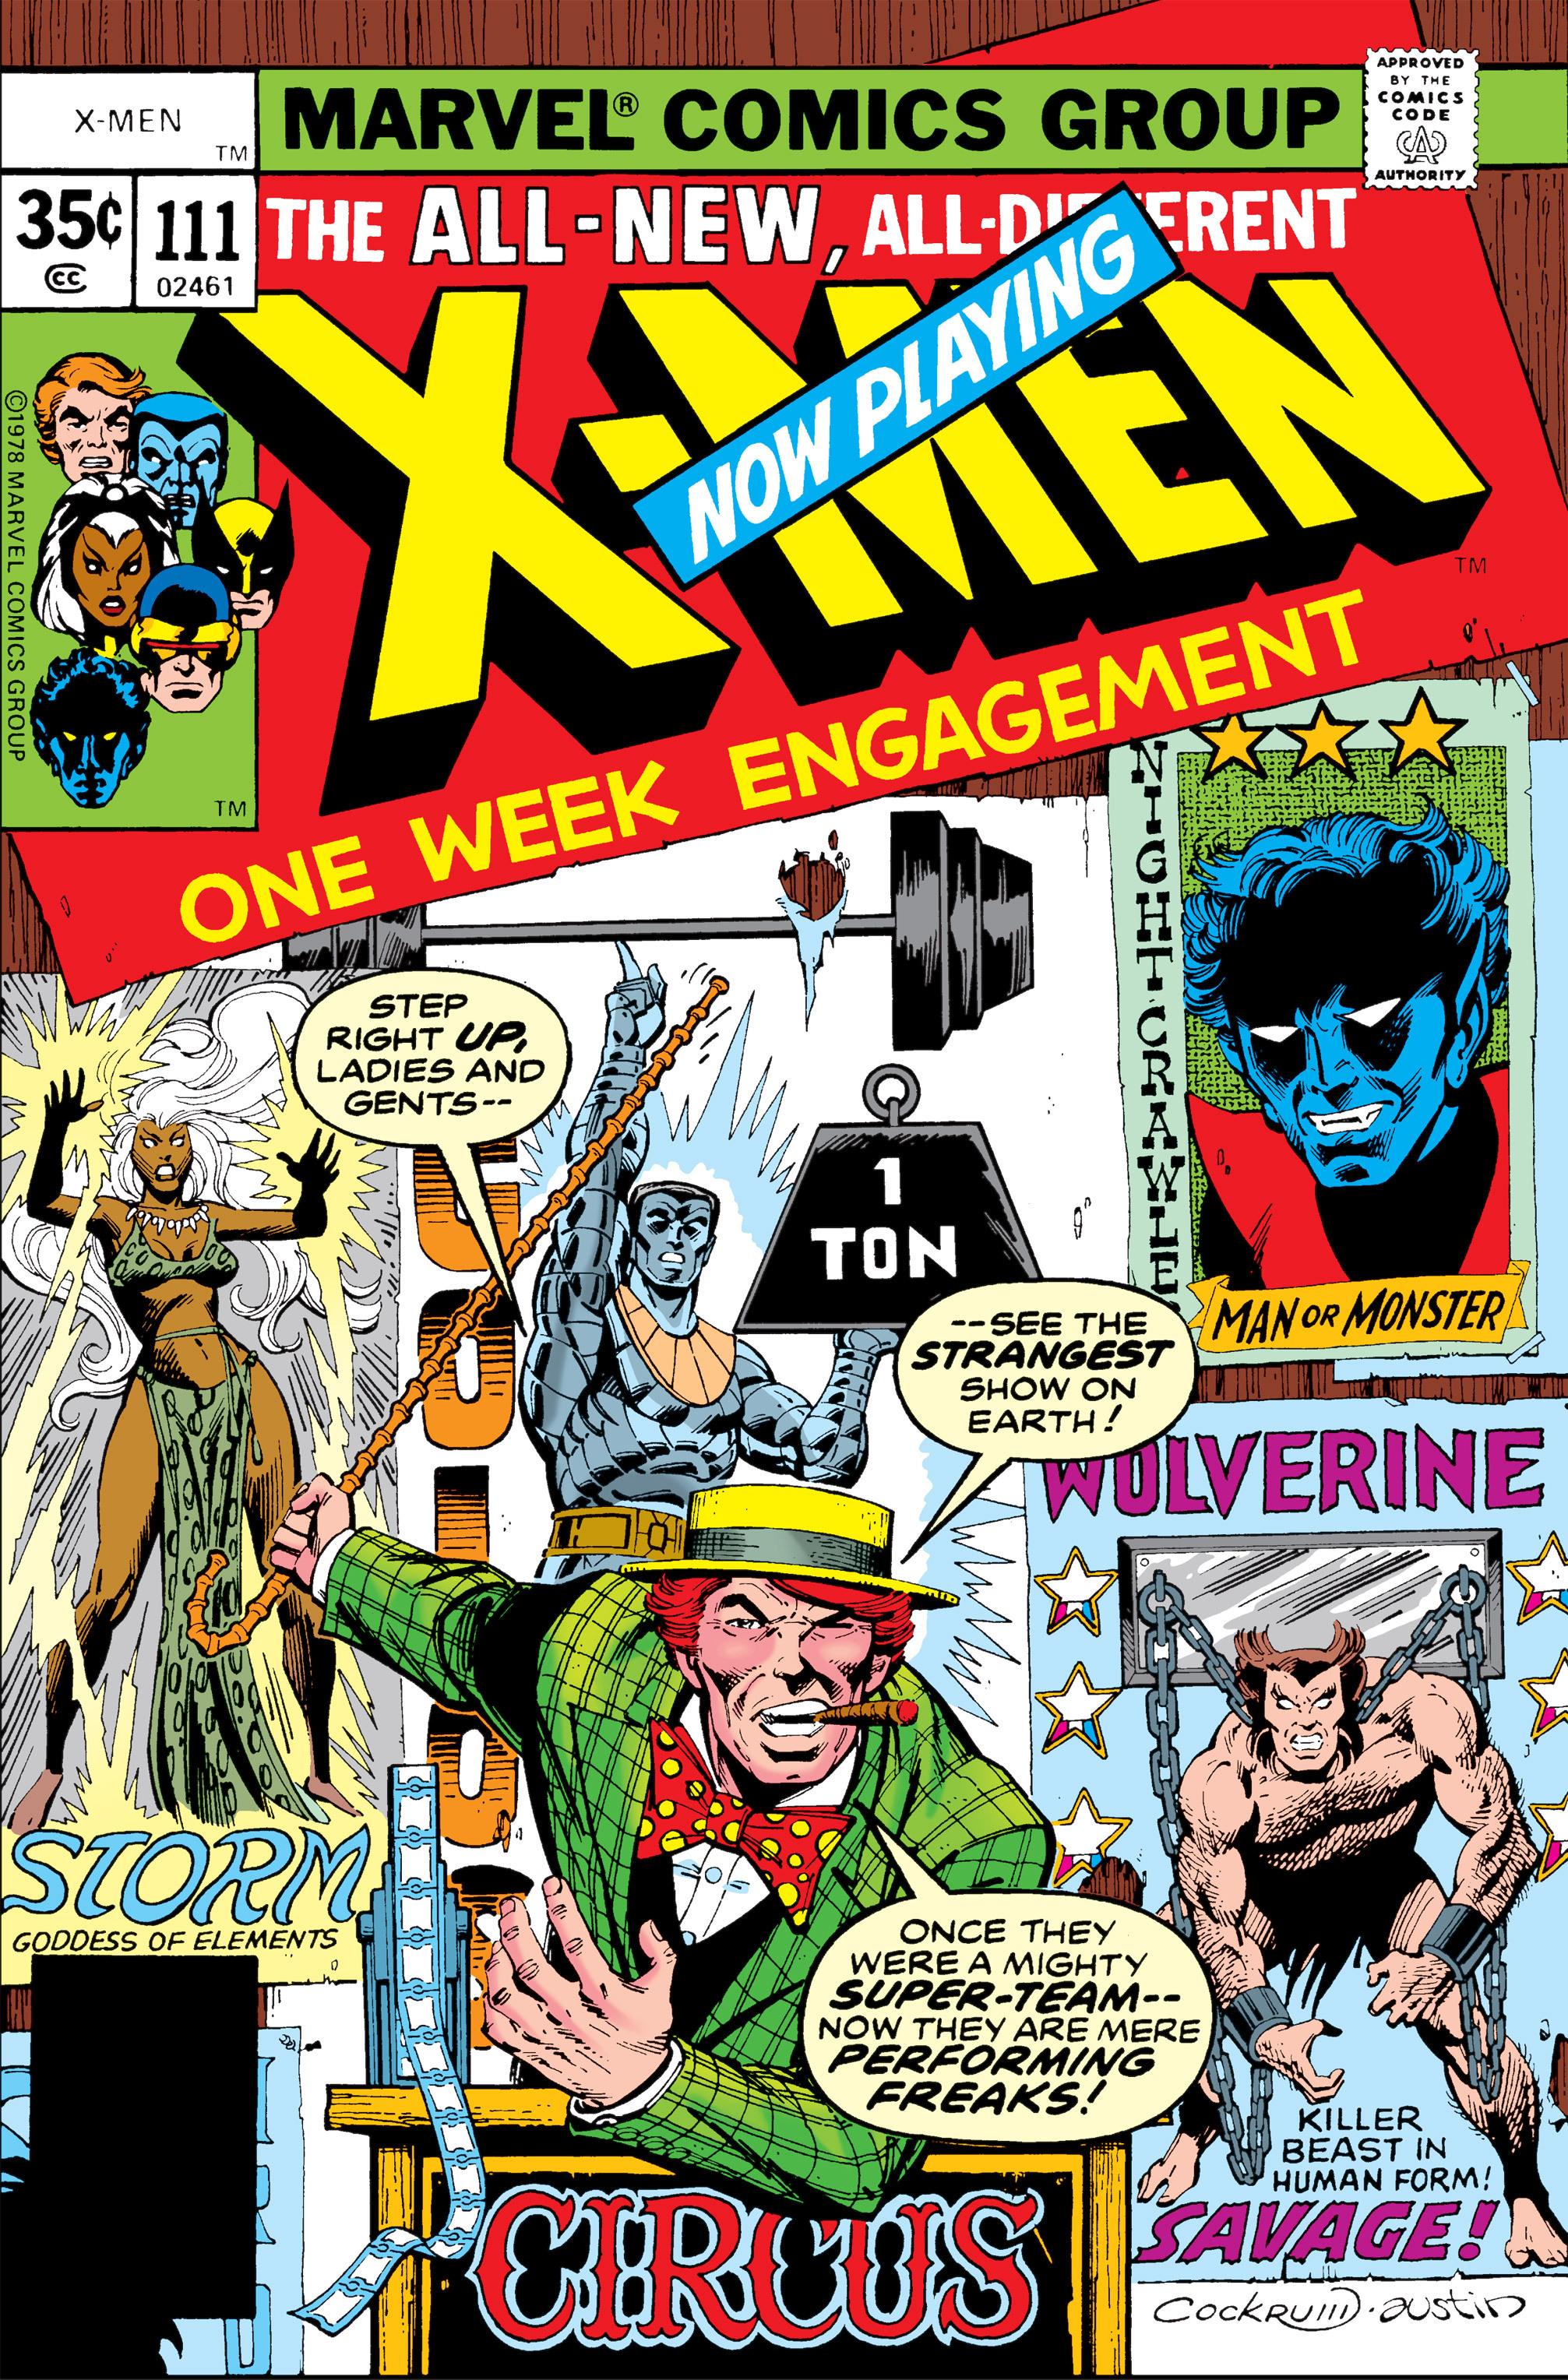 Uncanny X-Men (1963) 111 Page 1